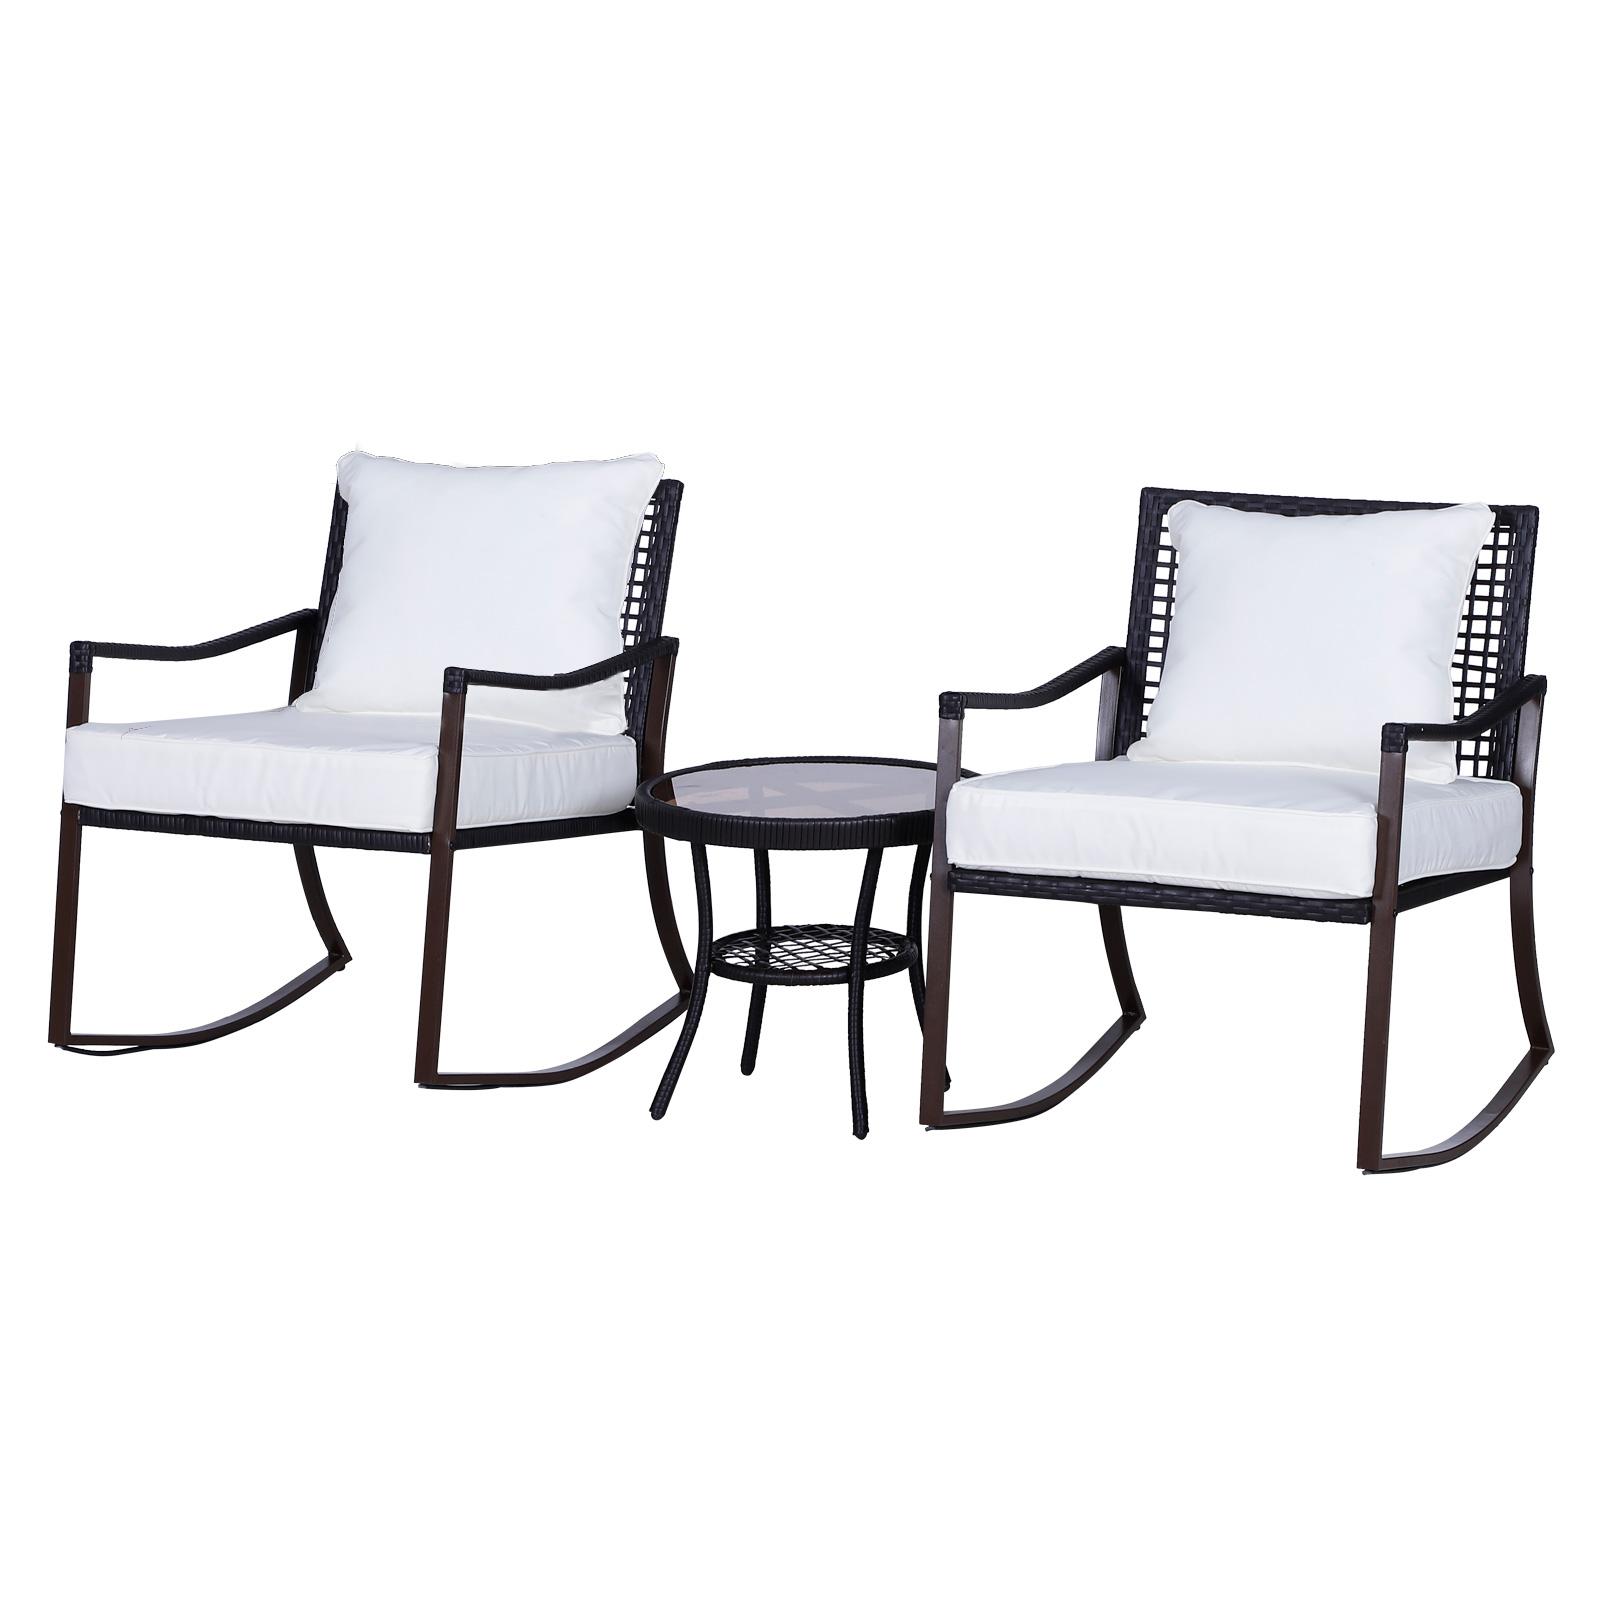 Salon de jardin 2 personnes rocking chair style cosy